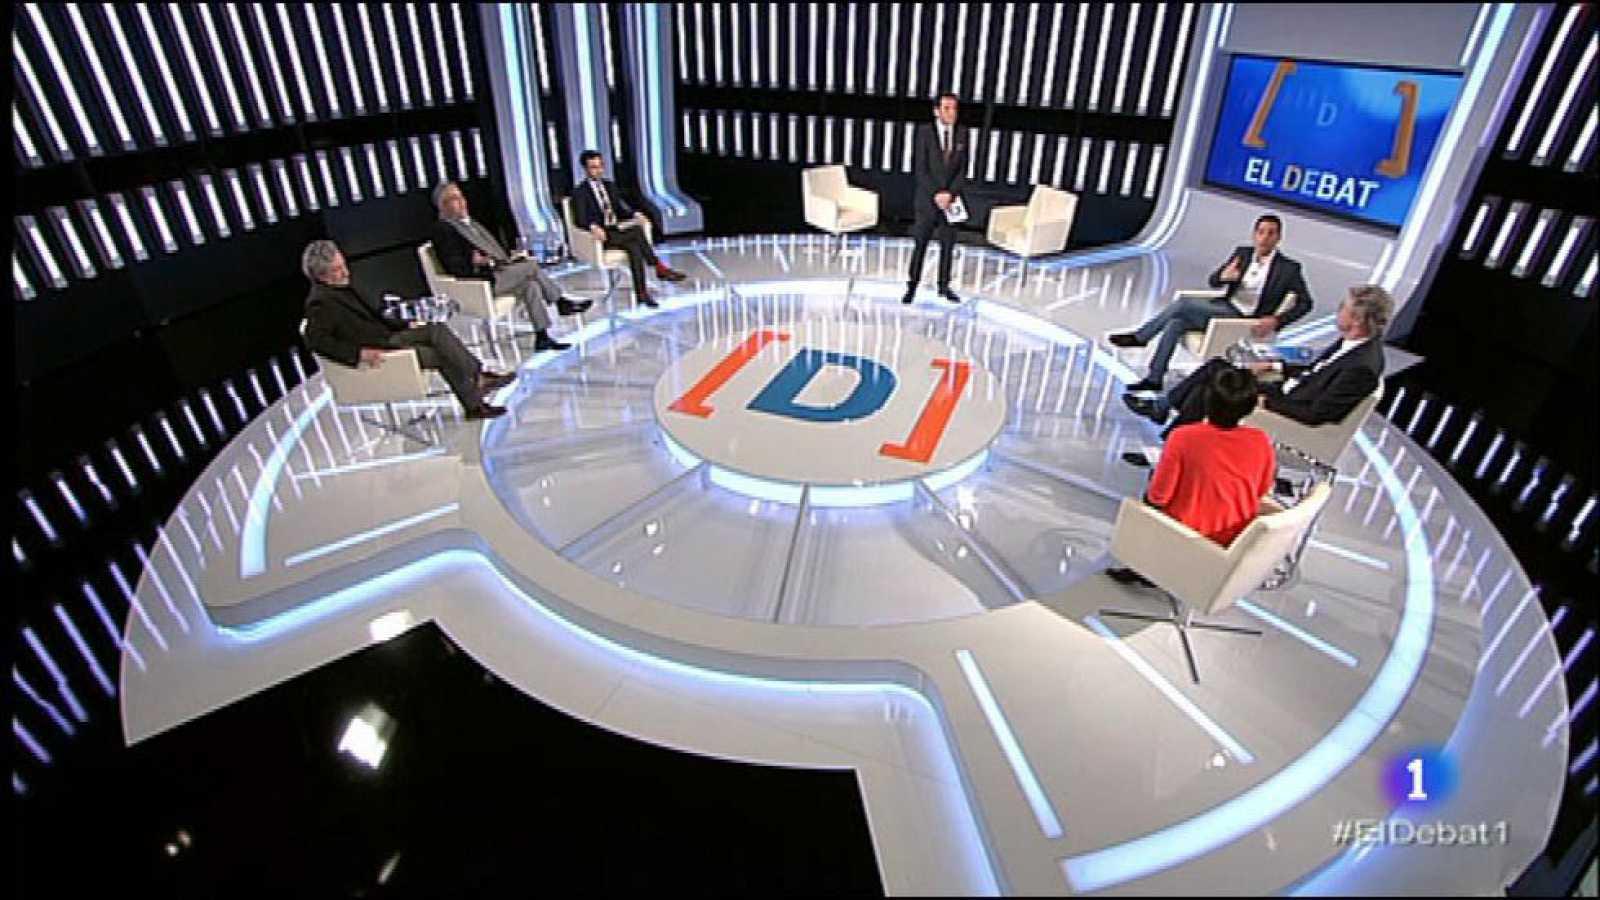 El Debat de La 1 - Anàlisi de la reunió entre Soraya Sáenz de Santamaría i Oriol Junqueras